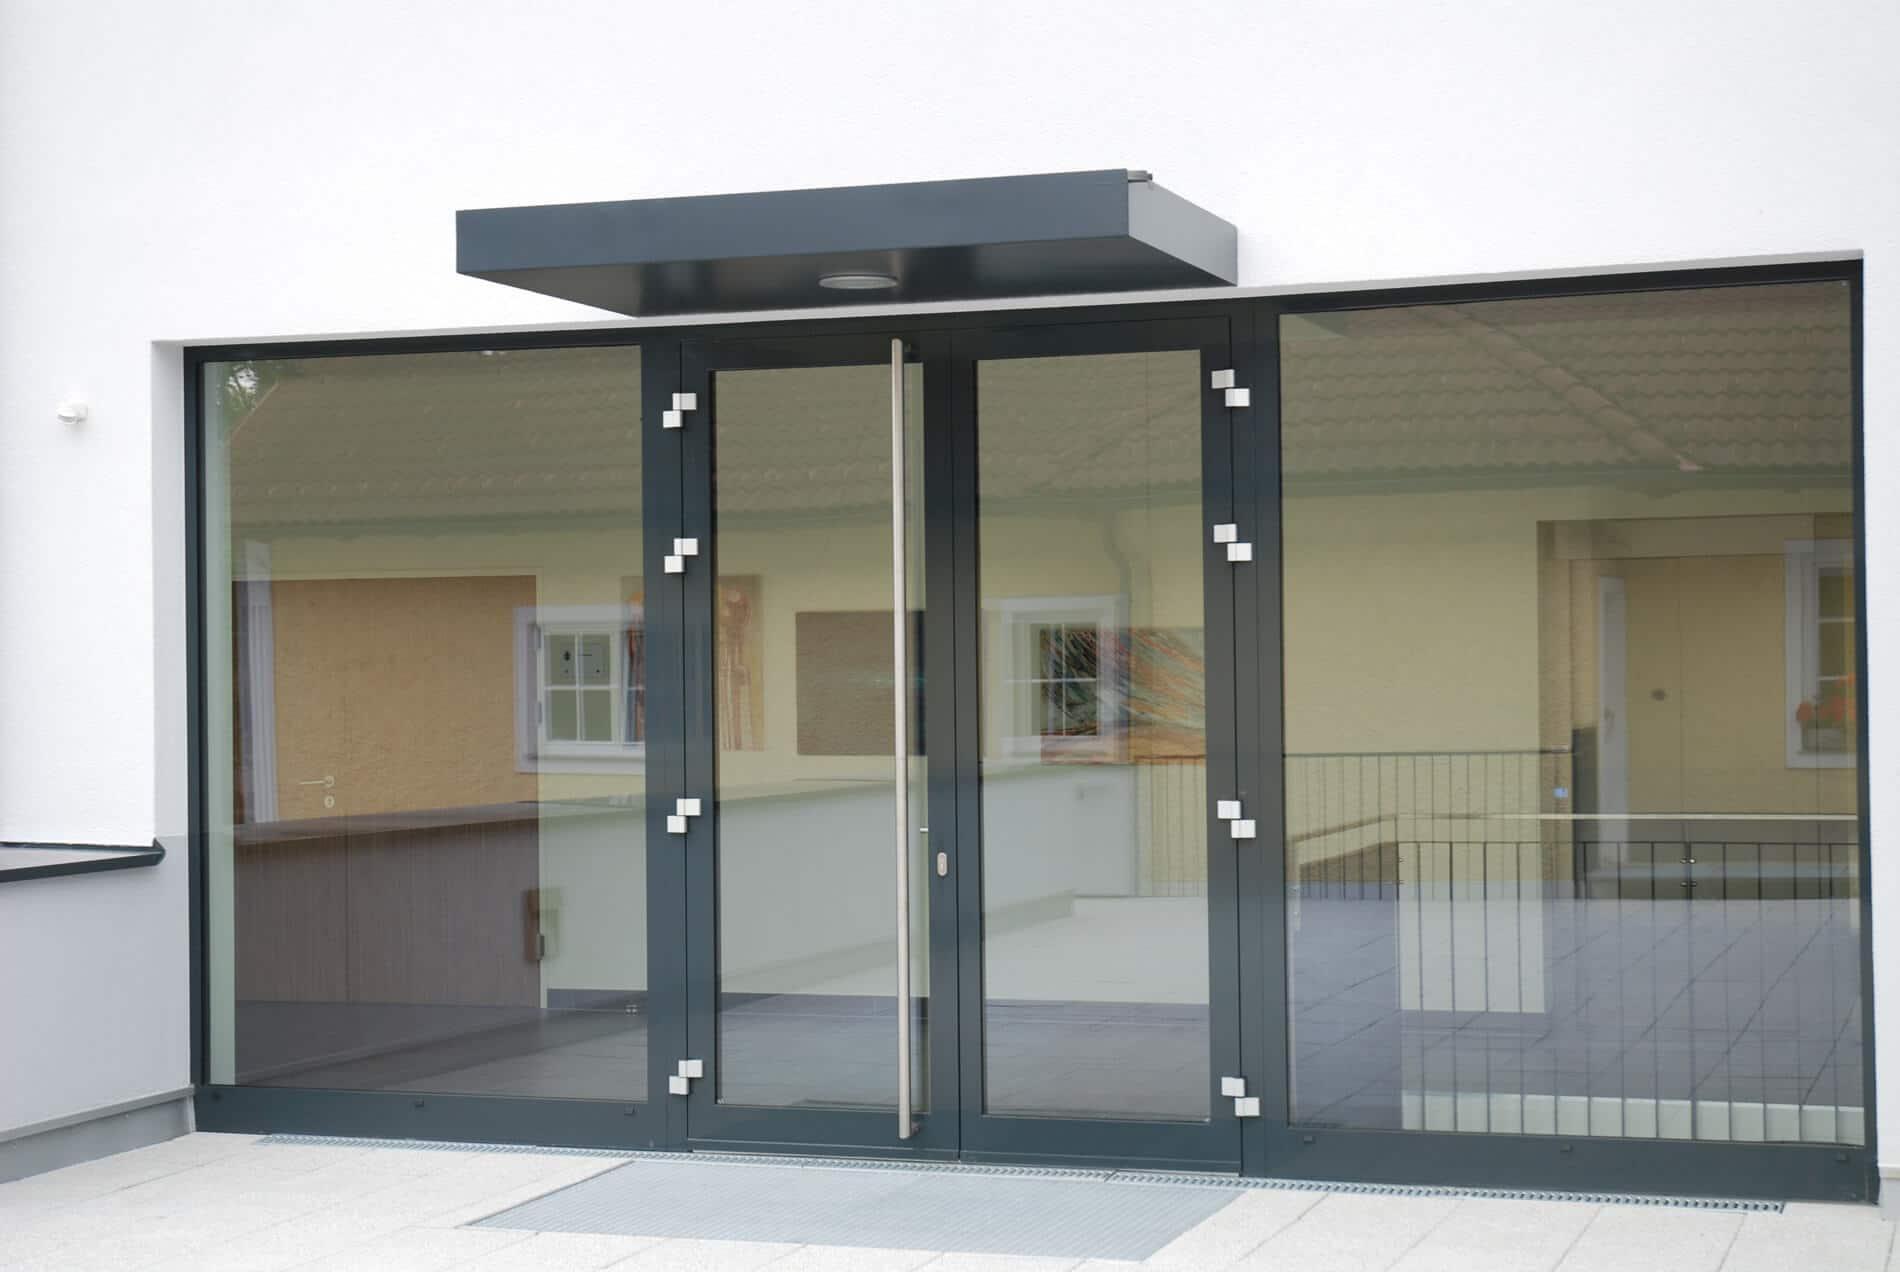 Favorit Eingangstür für Geschäft und Ladenlokale vom Alubauer | Ladentür + UF98